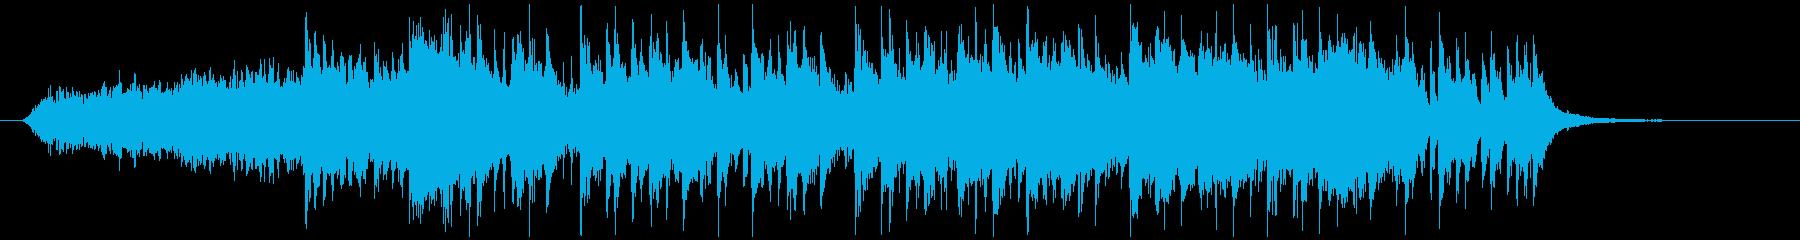 夜のニュースのオープニング風BGMの再生済みの波形